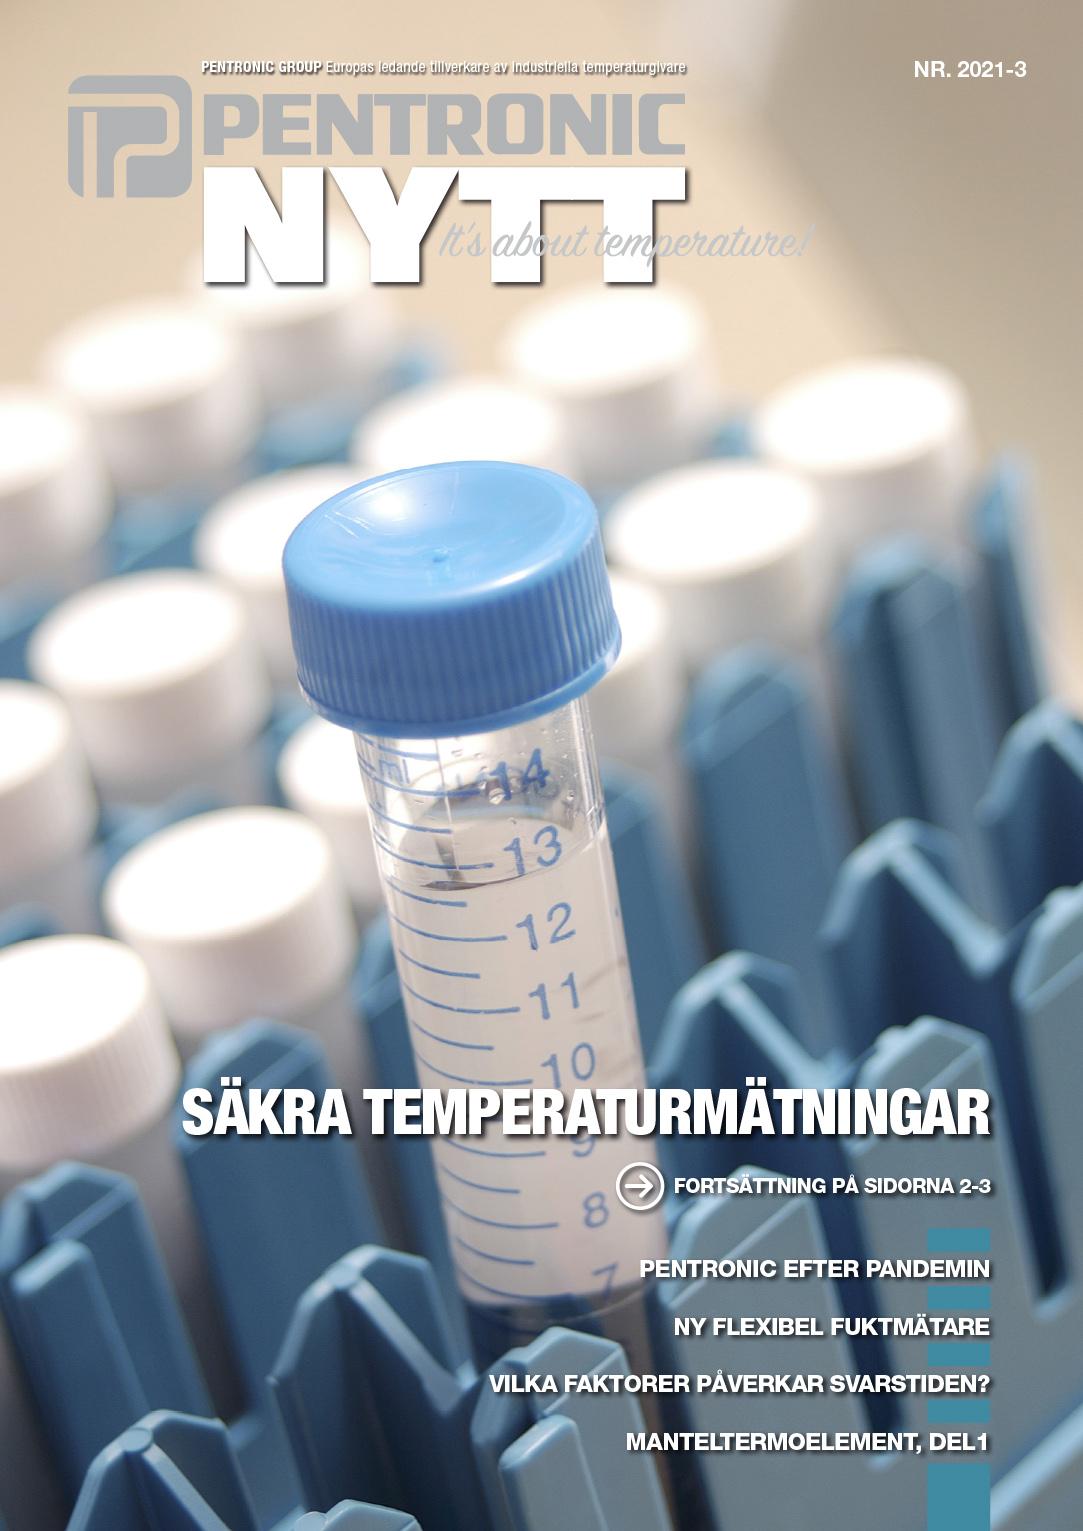 Omslag för tidningen PentronicNytt 2021-3